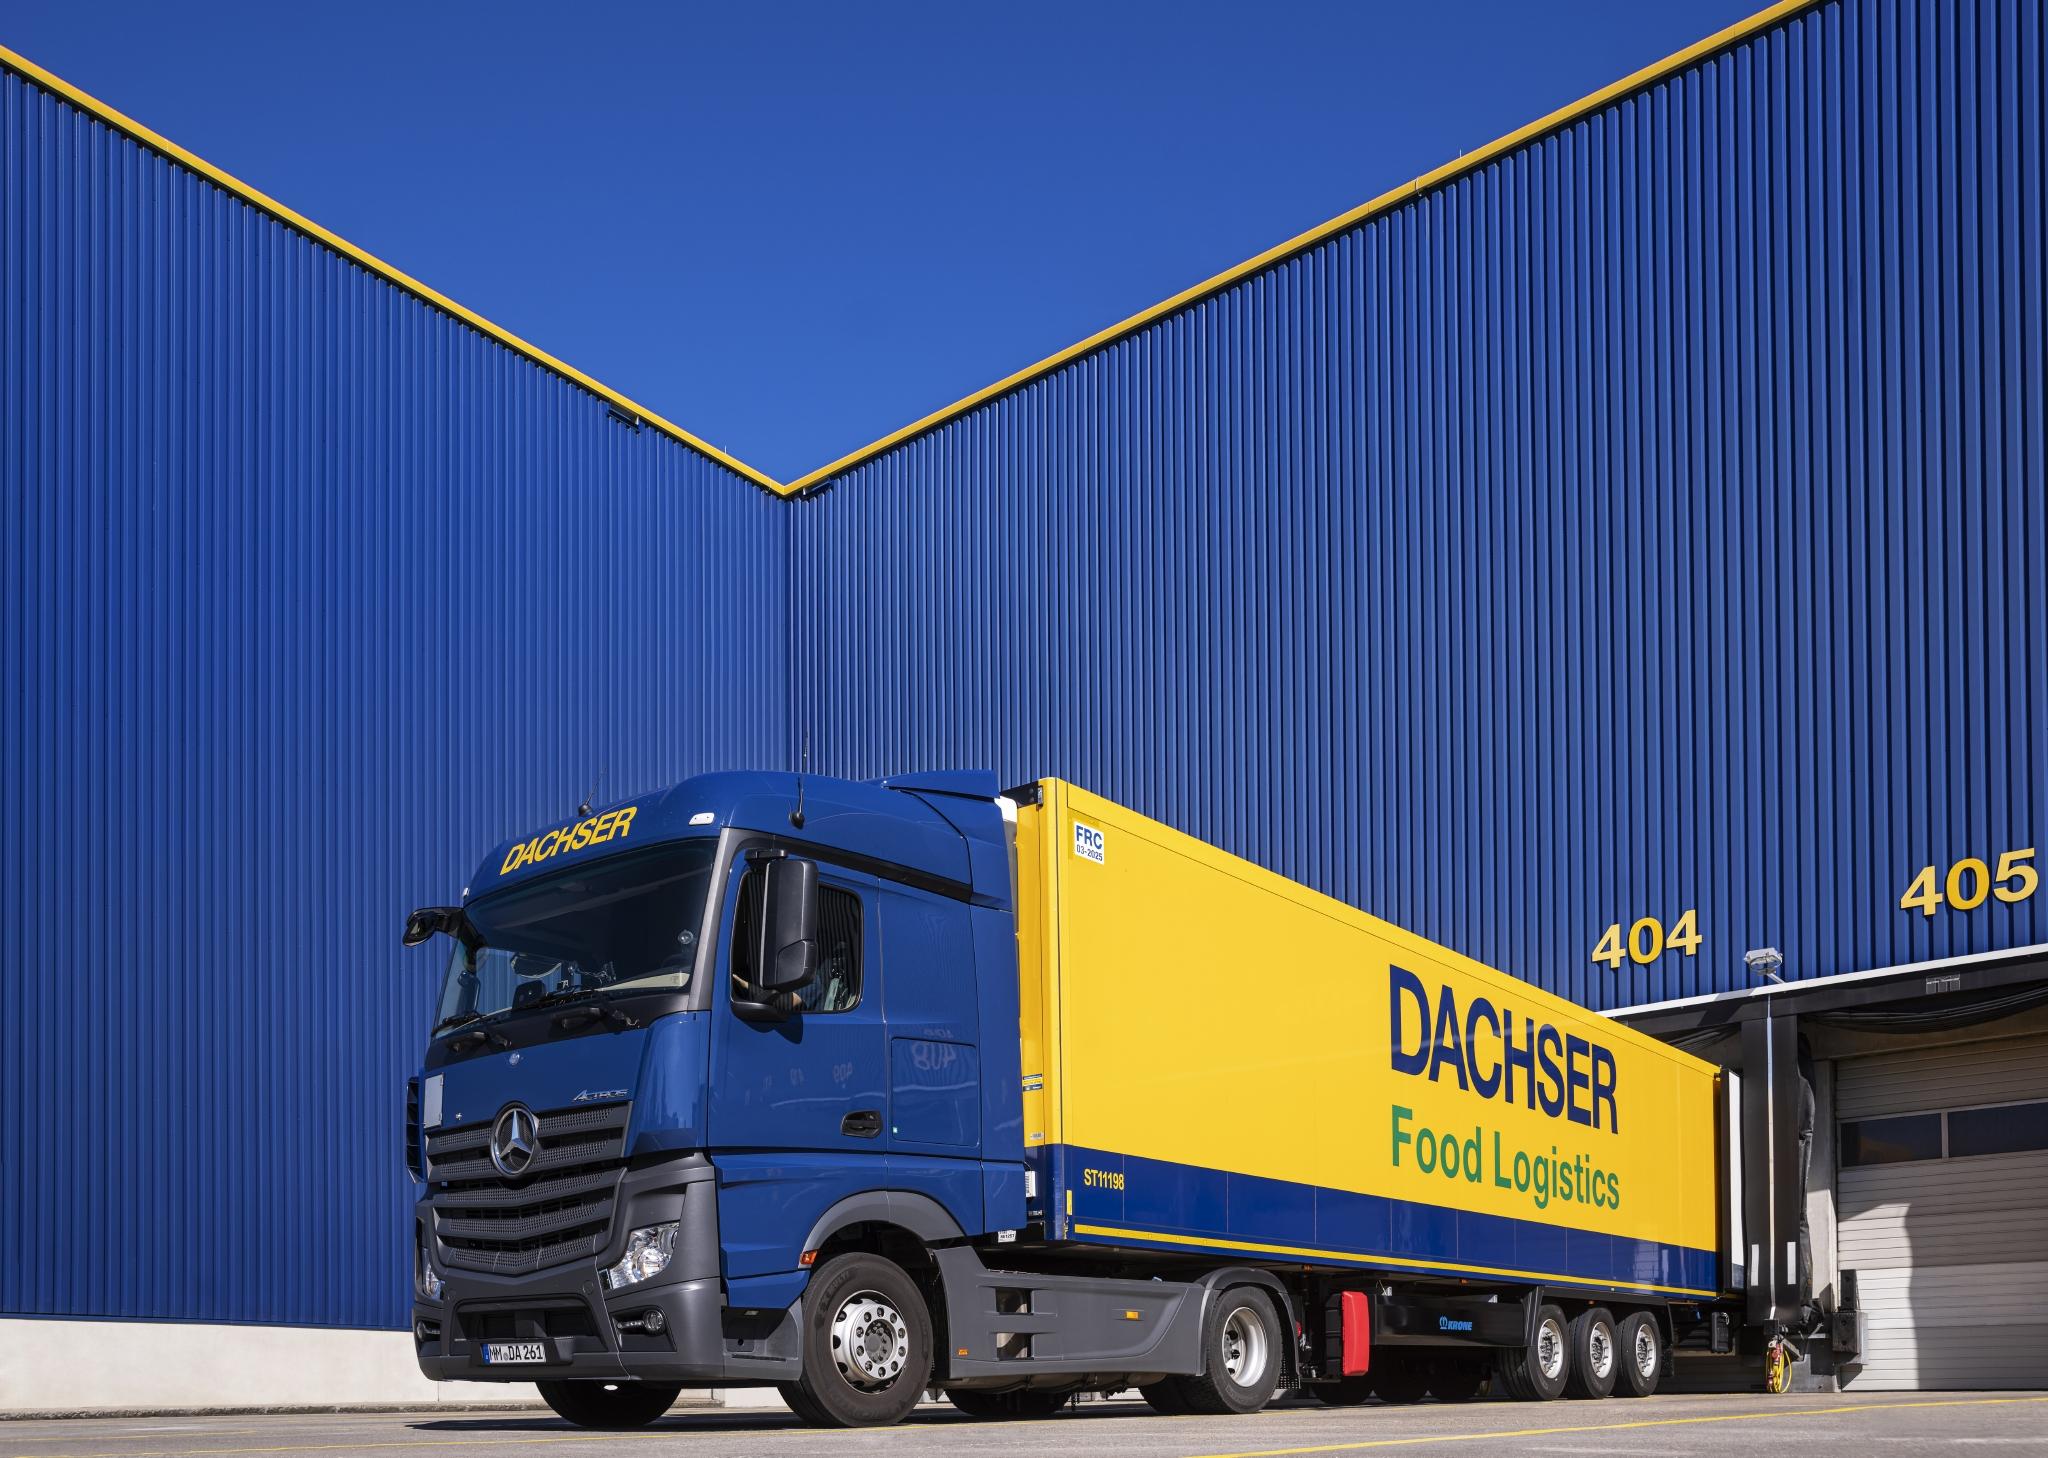 un-mezzo-di-dachser-dellal-linea-business-foof-logistics